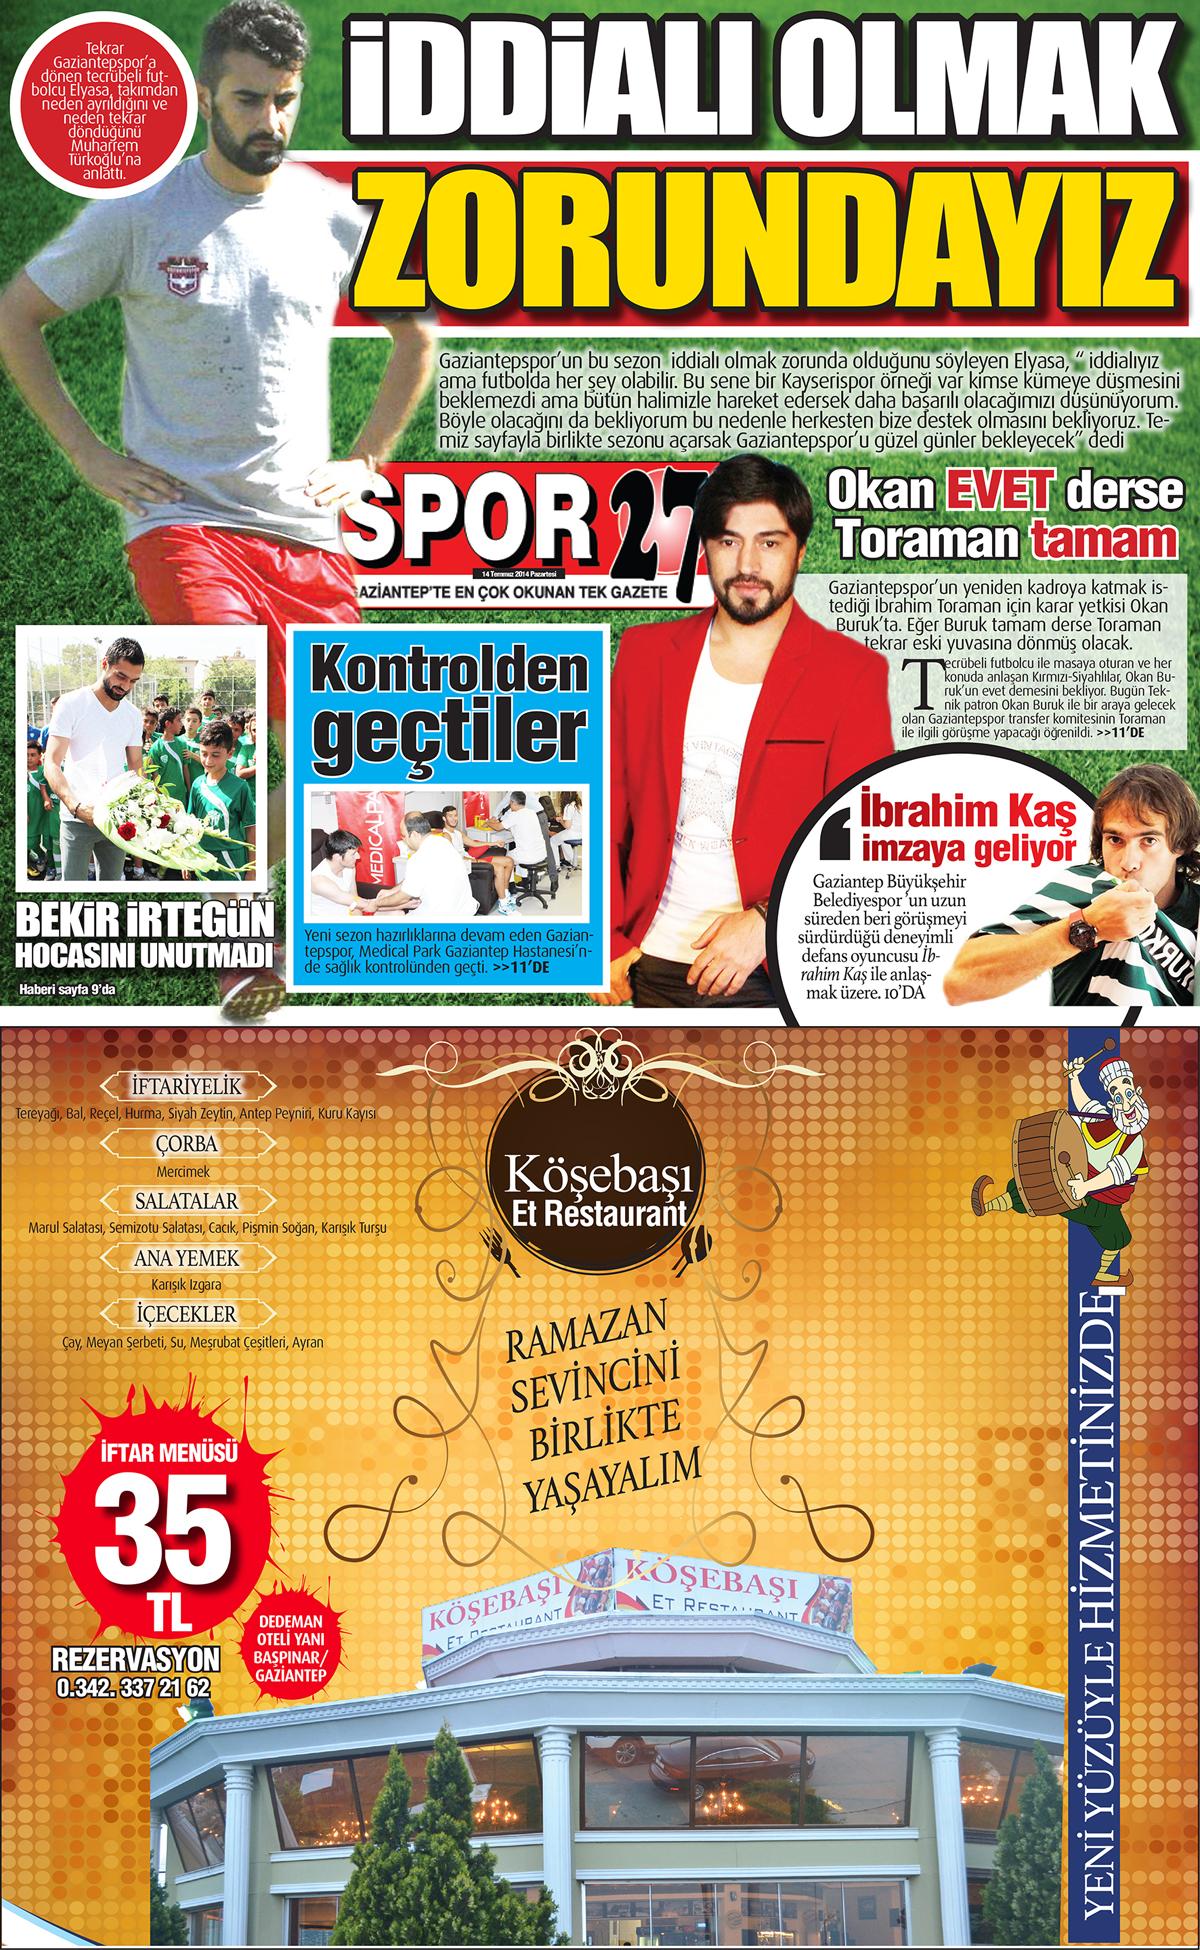 14 TEMMUZ 2014 PAZARTESİ SAYFALARI 1